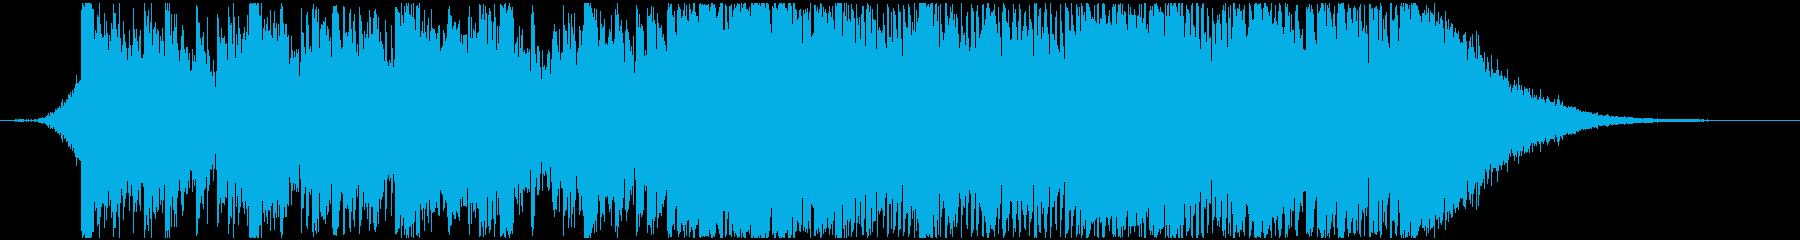 日本的なイメージのパーカッシブなBGM2の再生済みの波形